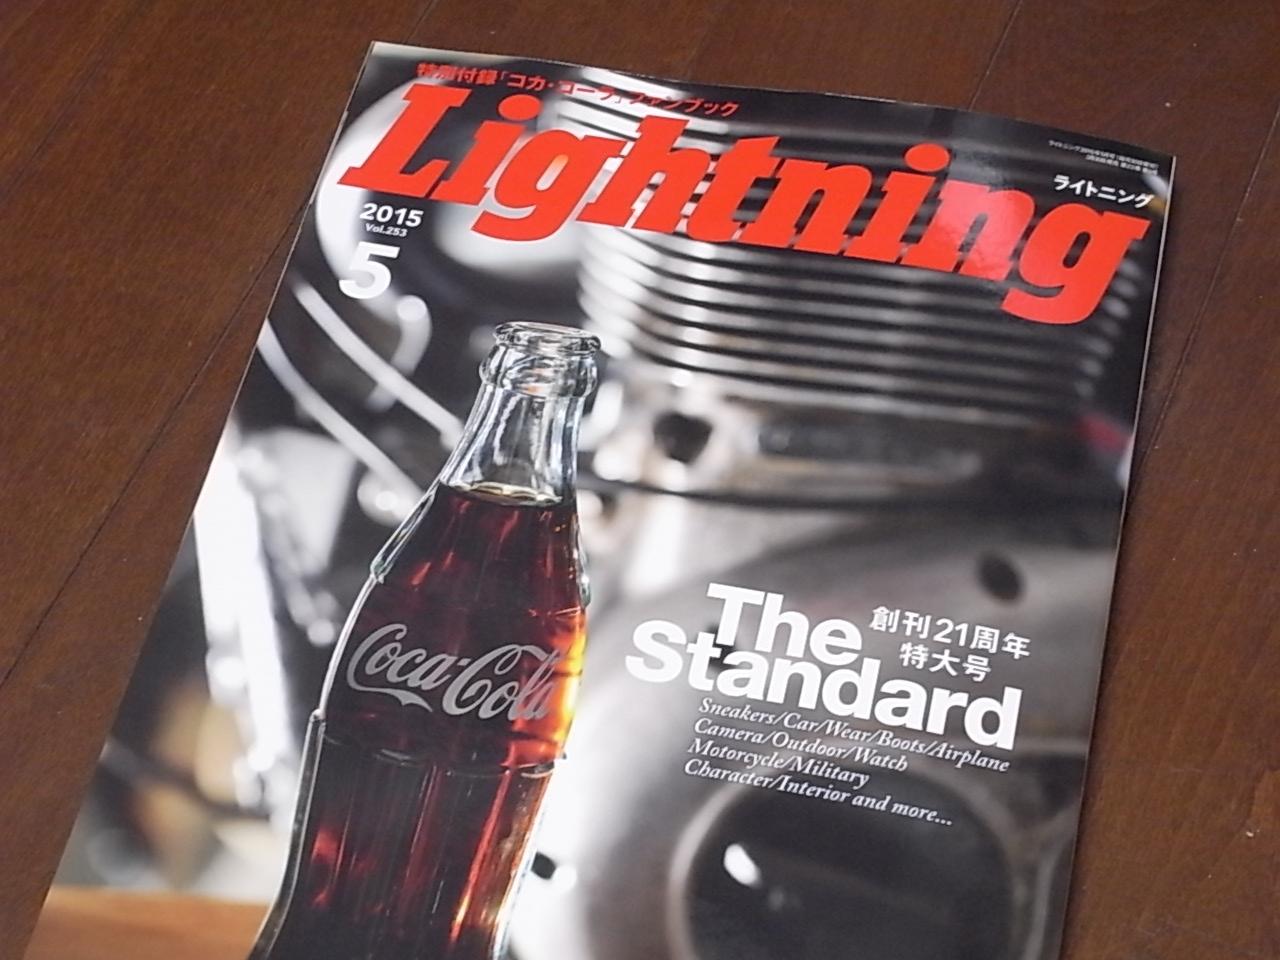 ライトニング5月号発売!当店も掲載されています!